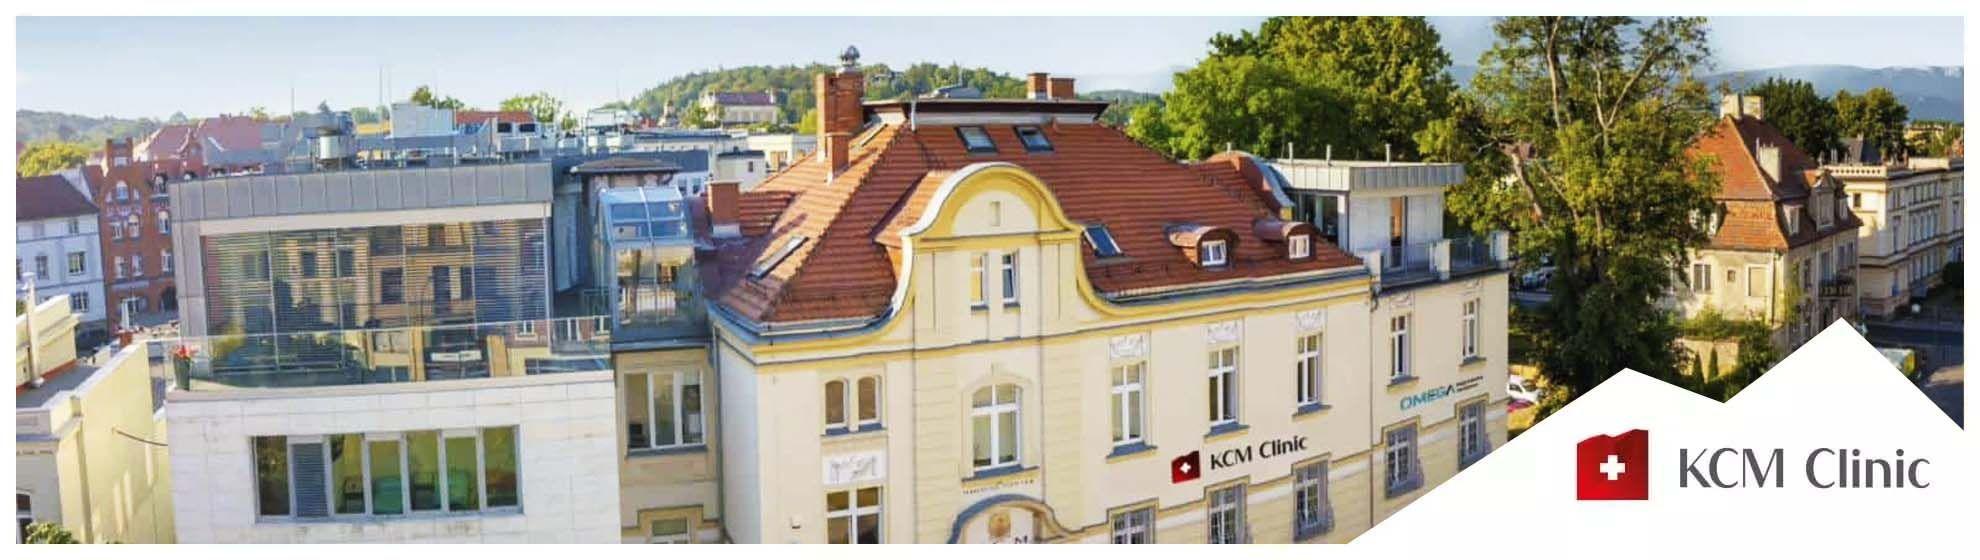 KCM Clinic Chirurgia Plastyczna i Bariatria